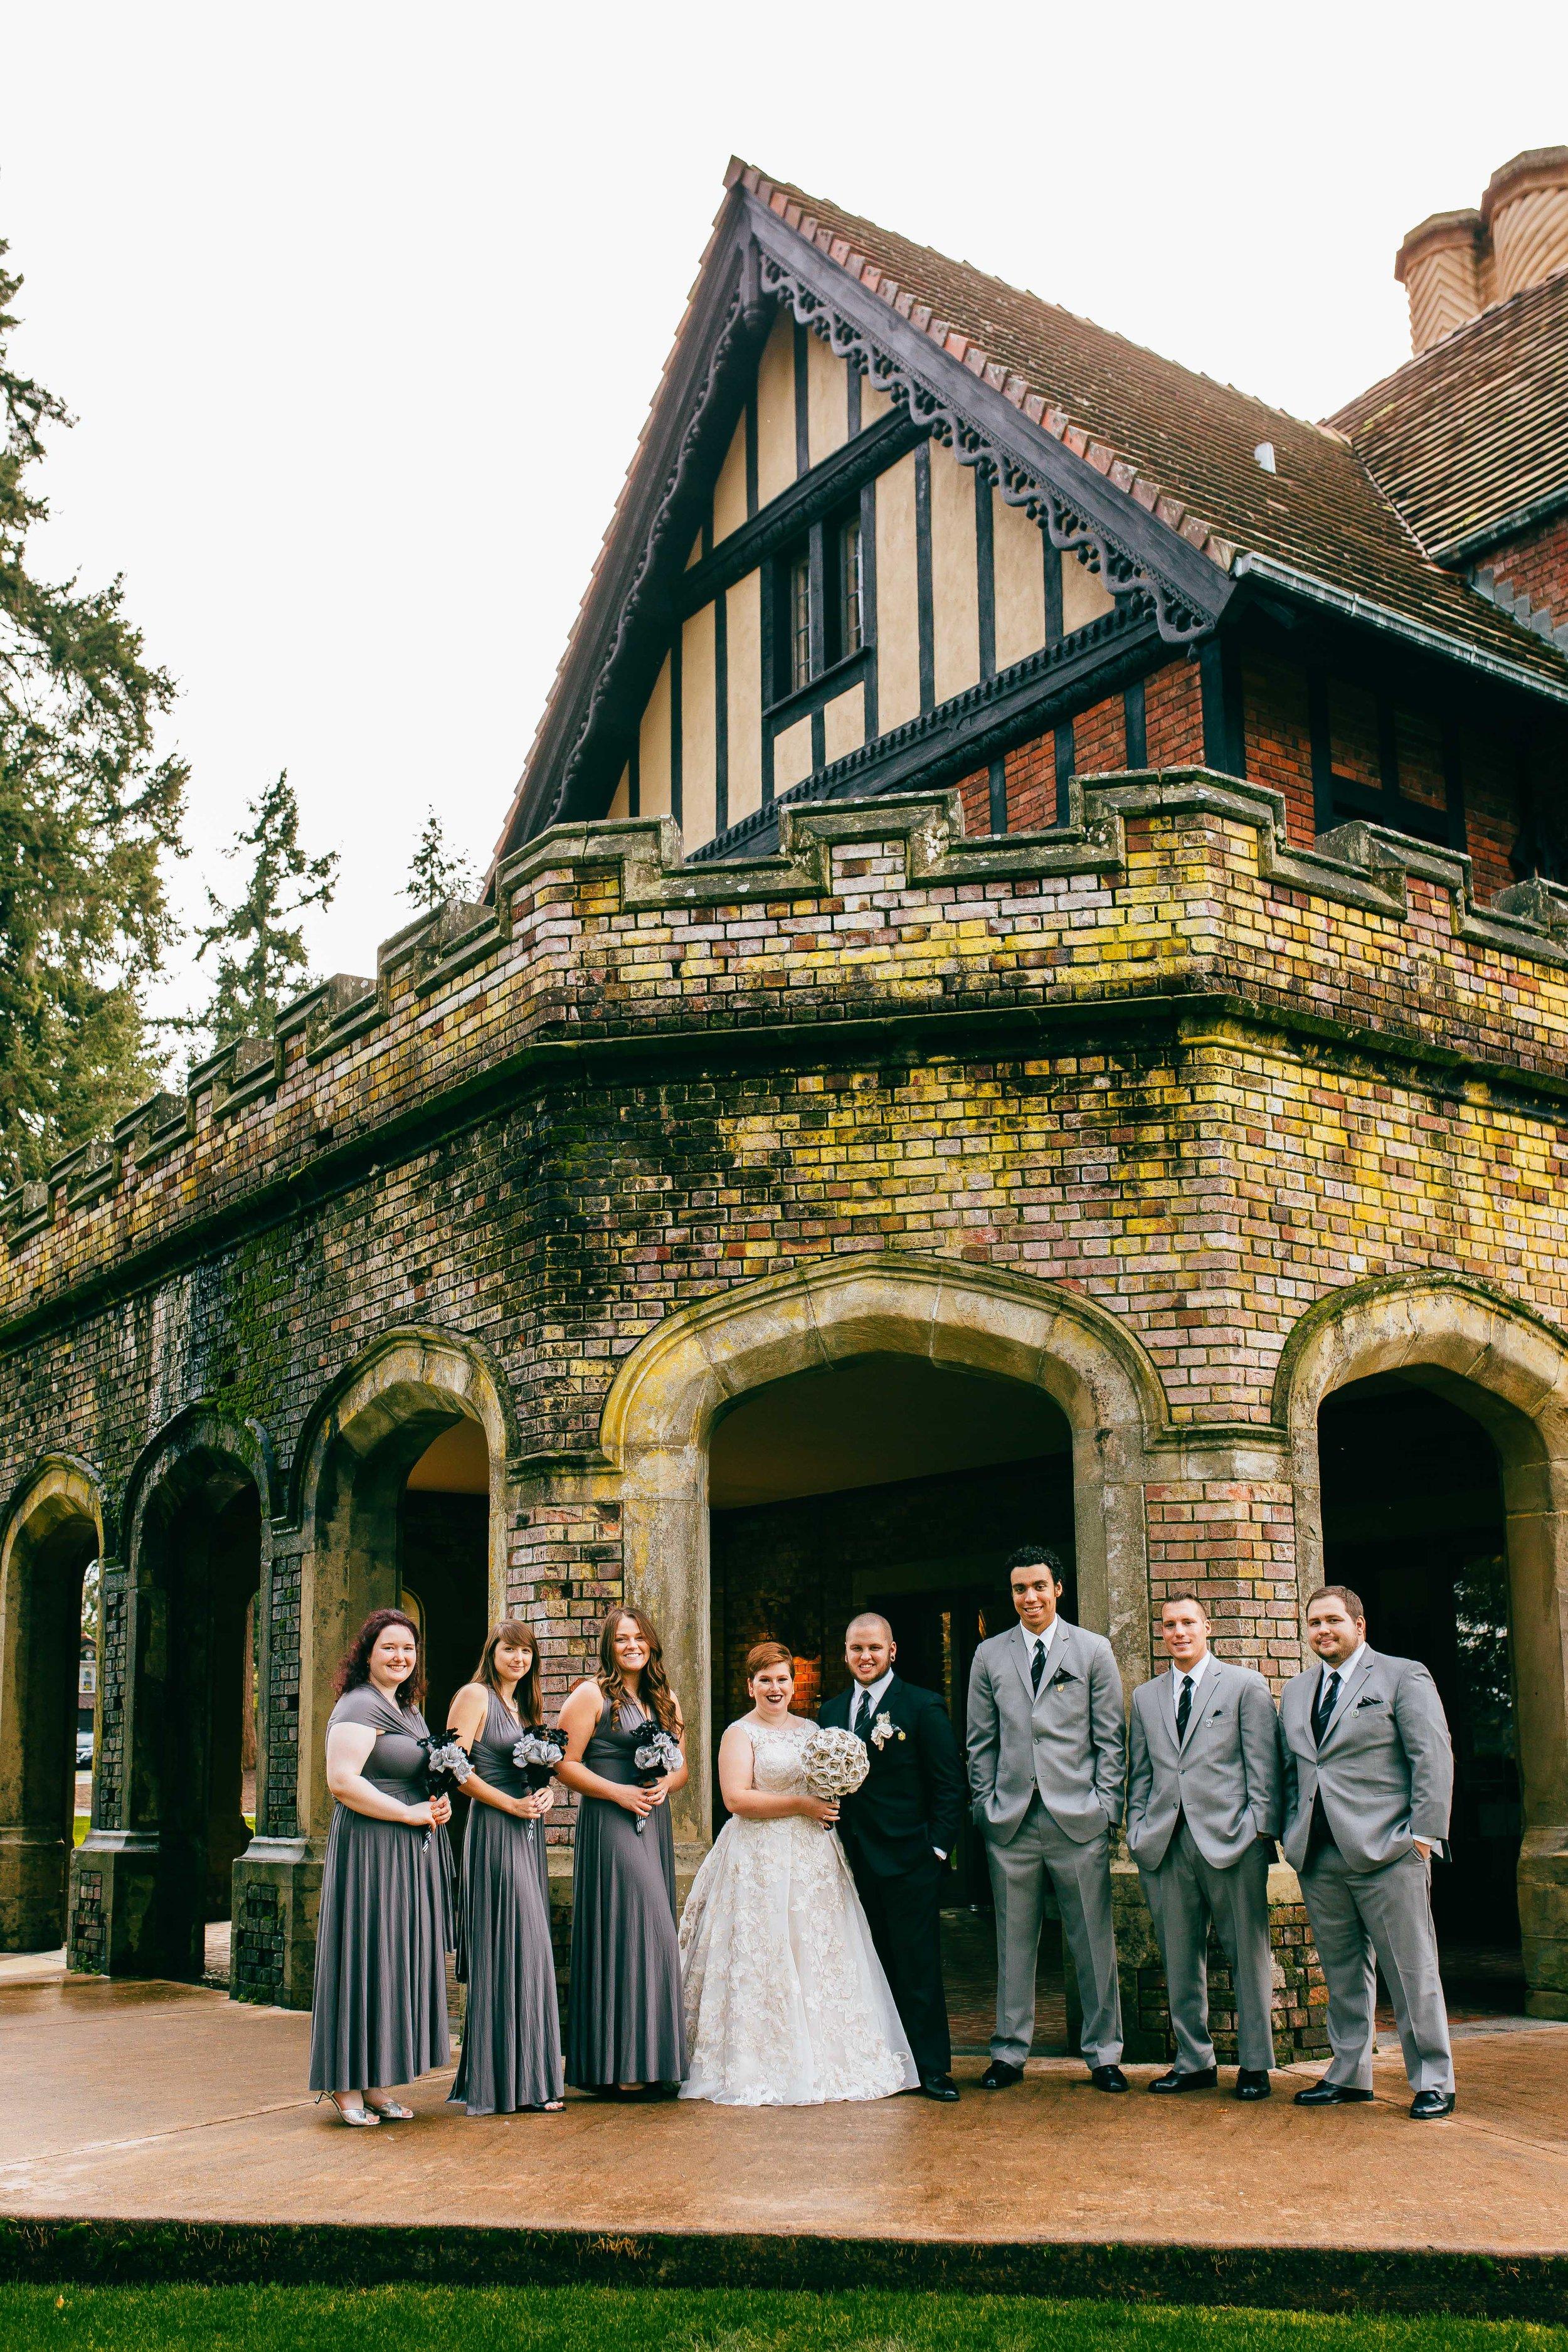 washington_wedding_Thornewood_Castle_photography-9997.jpg